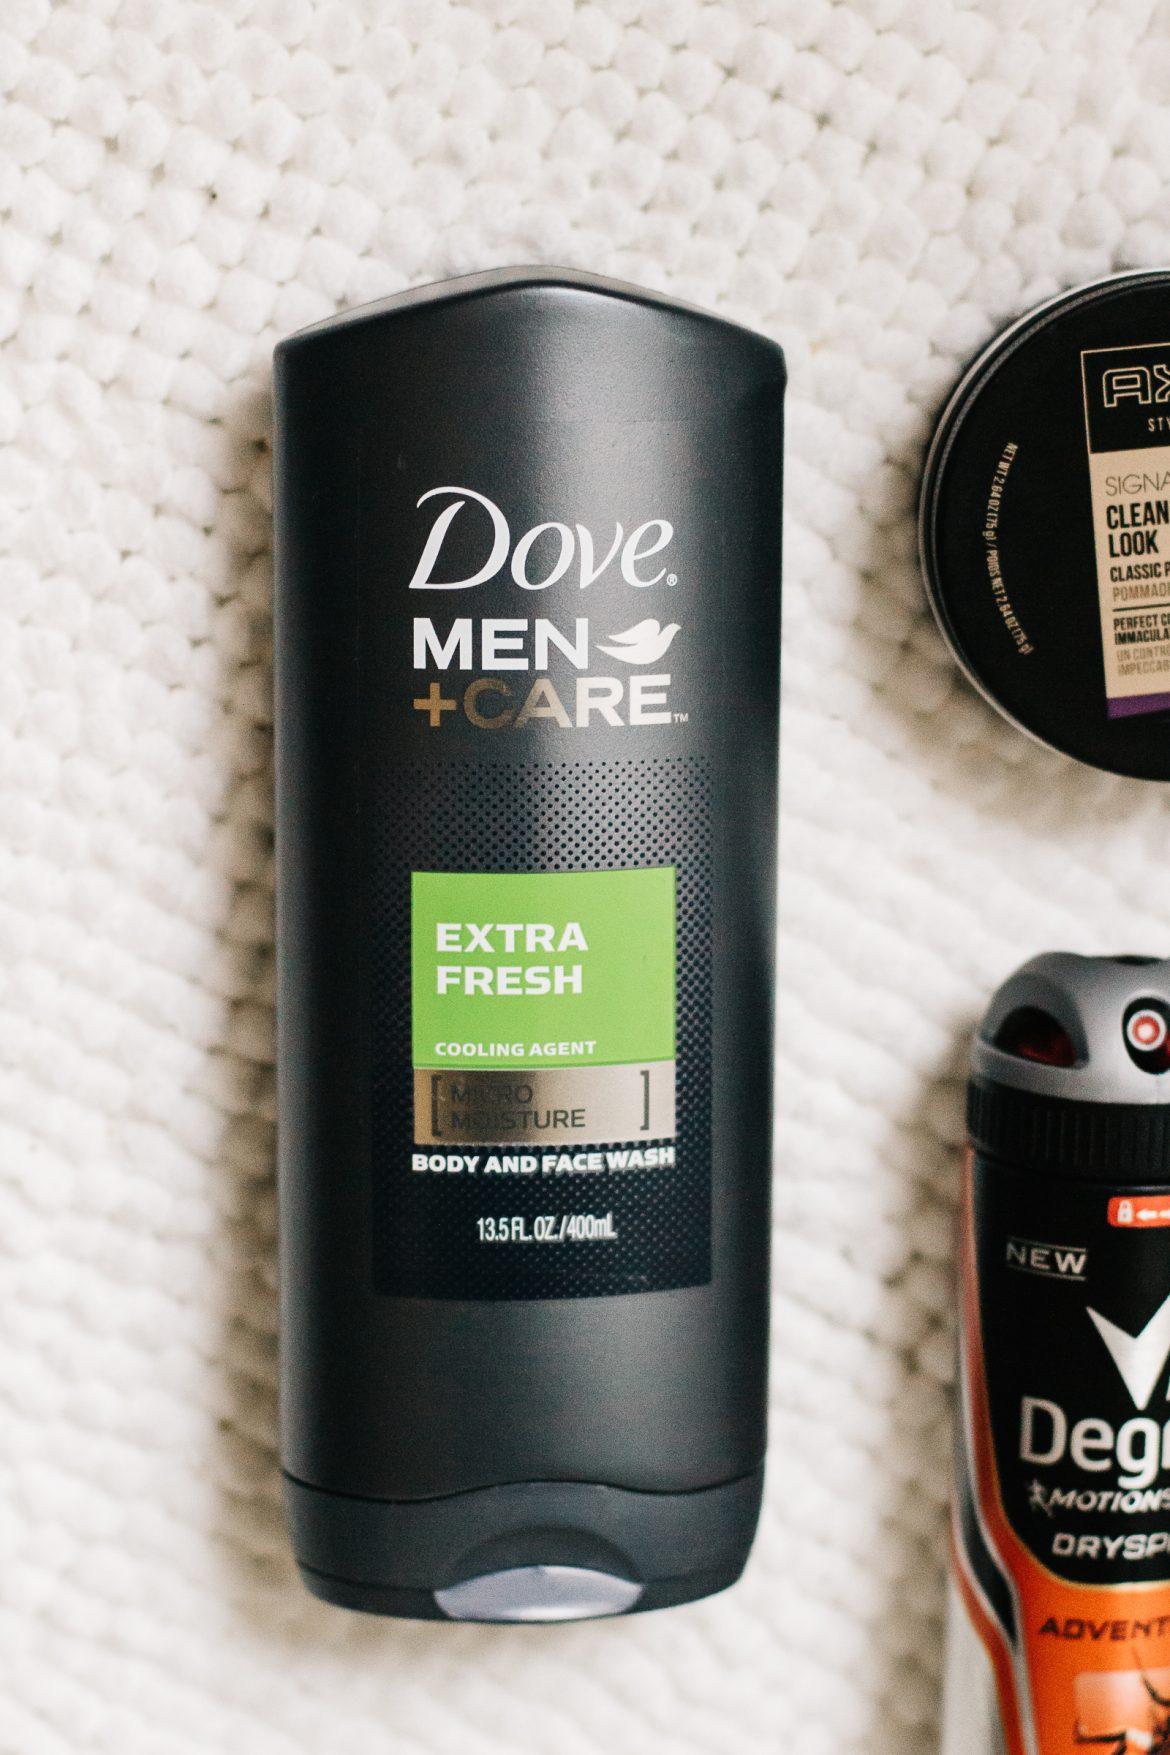 cvs grooming products, mens grooming, fall grooming essentials, grooming blog